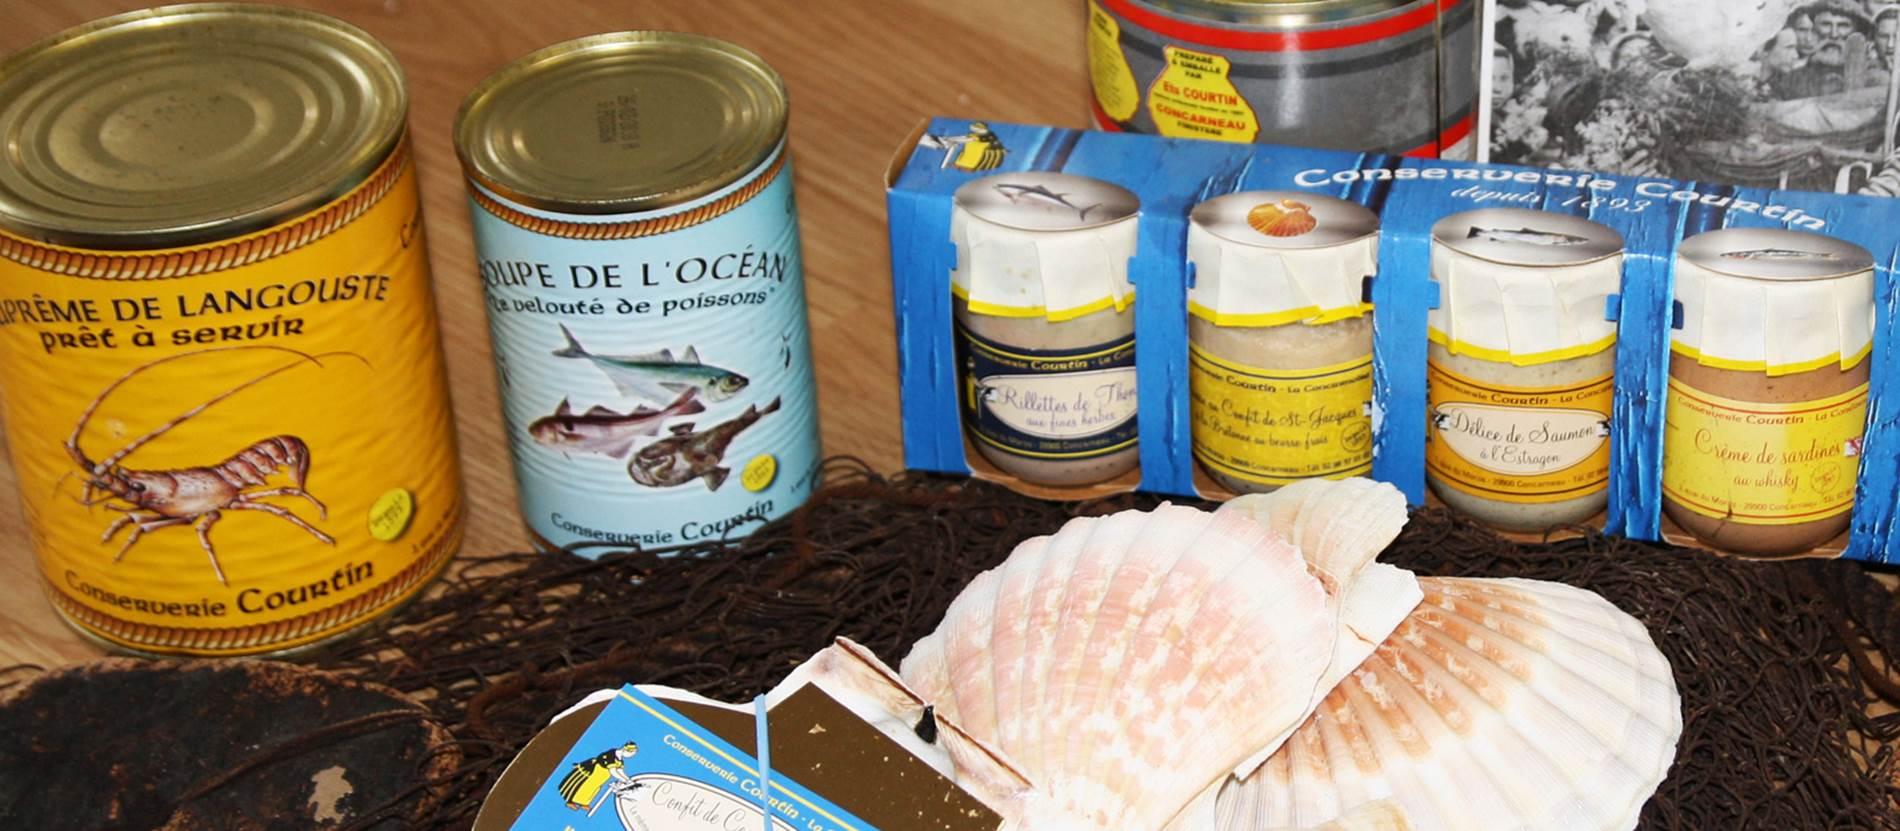 Biscuiterie-de-la-Presqu'Ile-Sarzeau-Morbihan-Bretagne-Sud © Biscuiterie de la Presqu'Ile